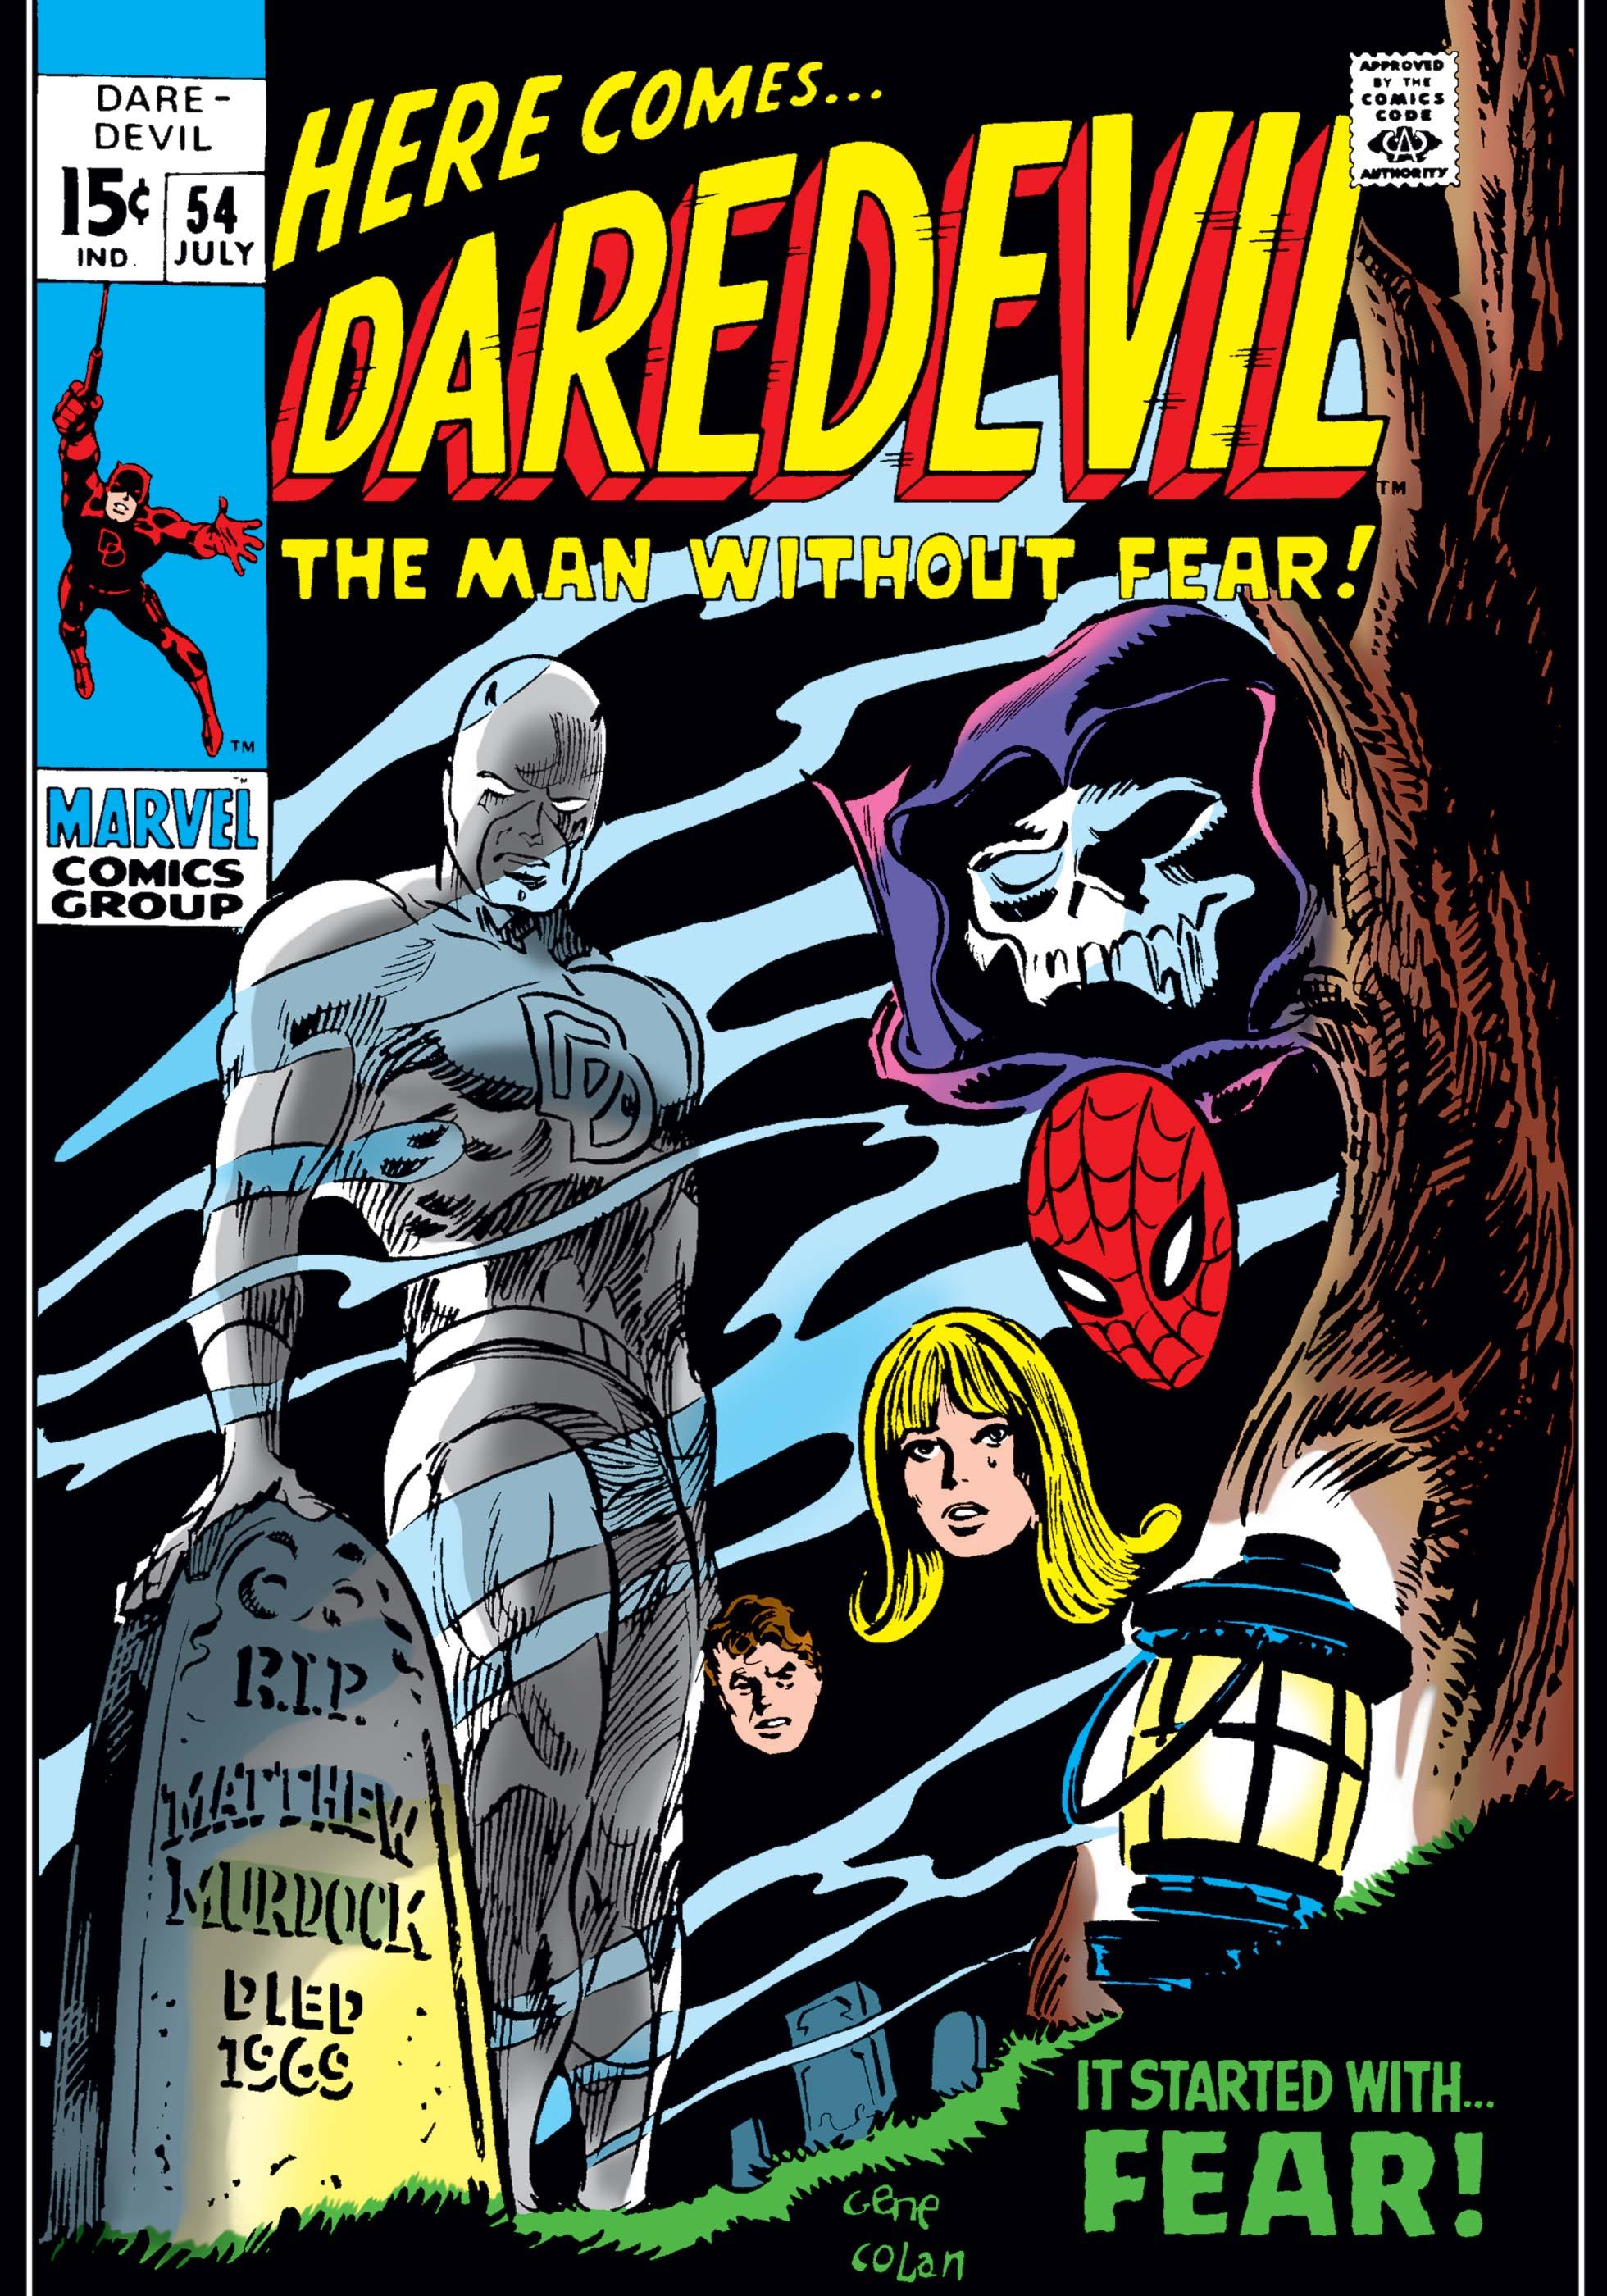 Daredevil (1964) #54